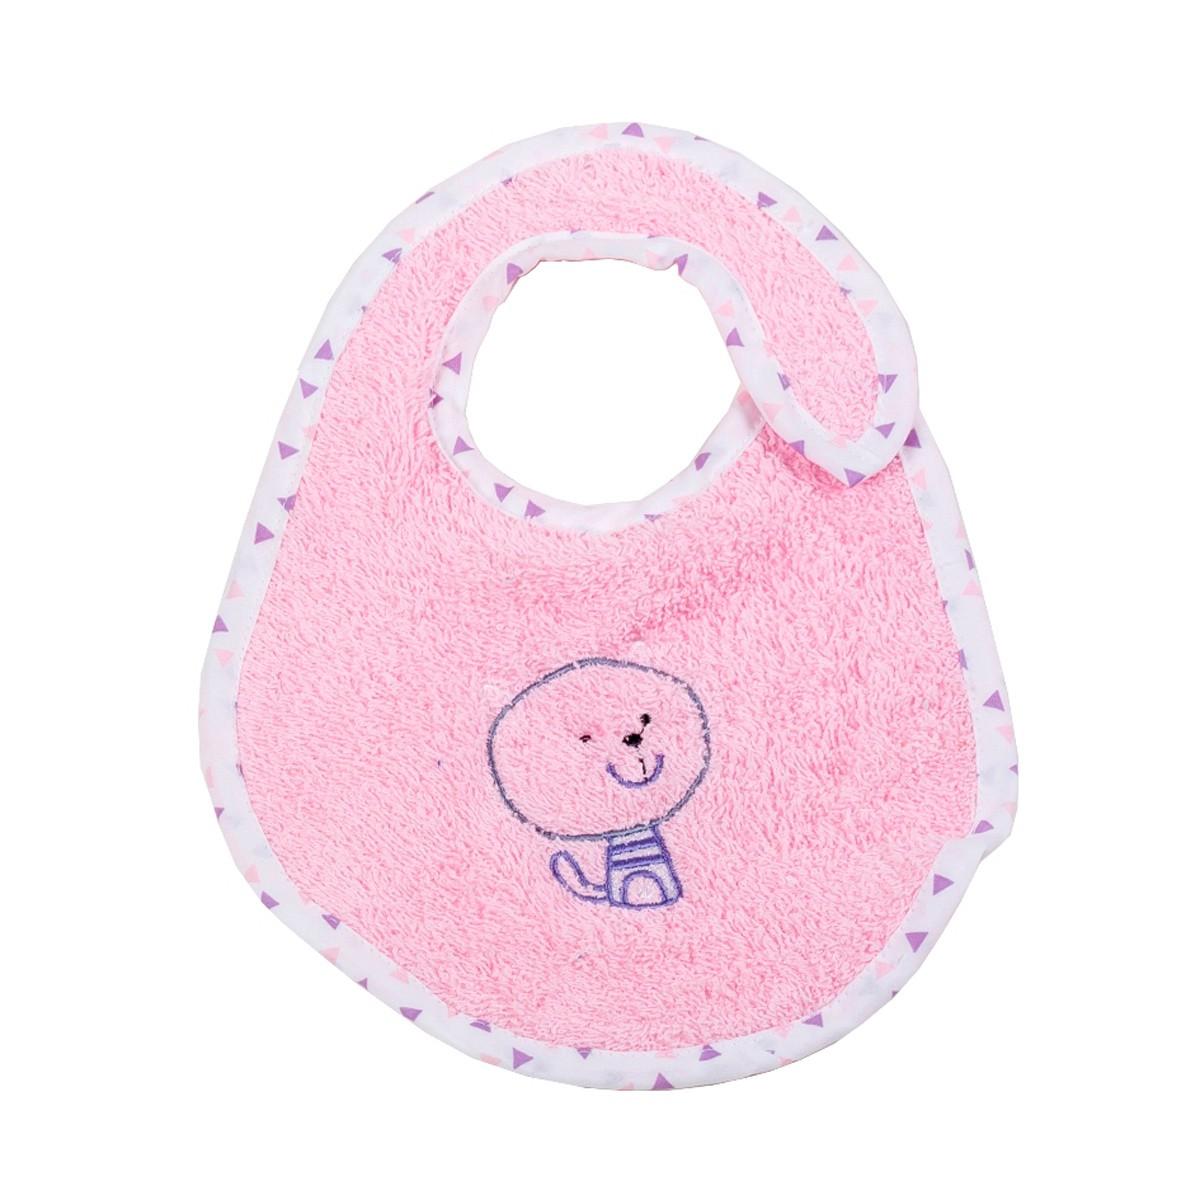 Σαλιάρα Μικρή Κόσμος Του Μωρού Home 0607 Ροζ